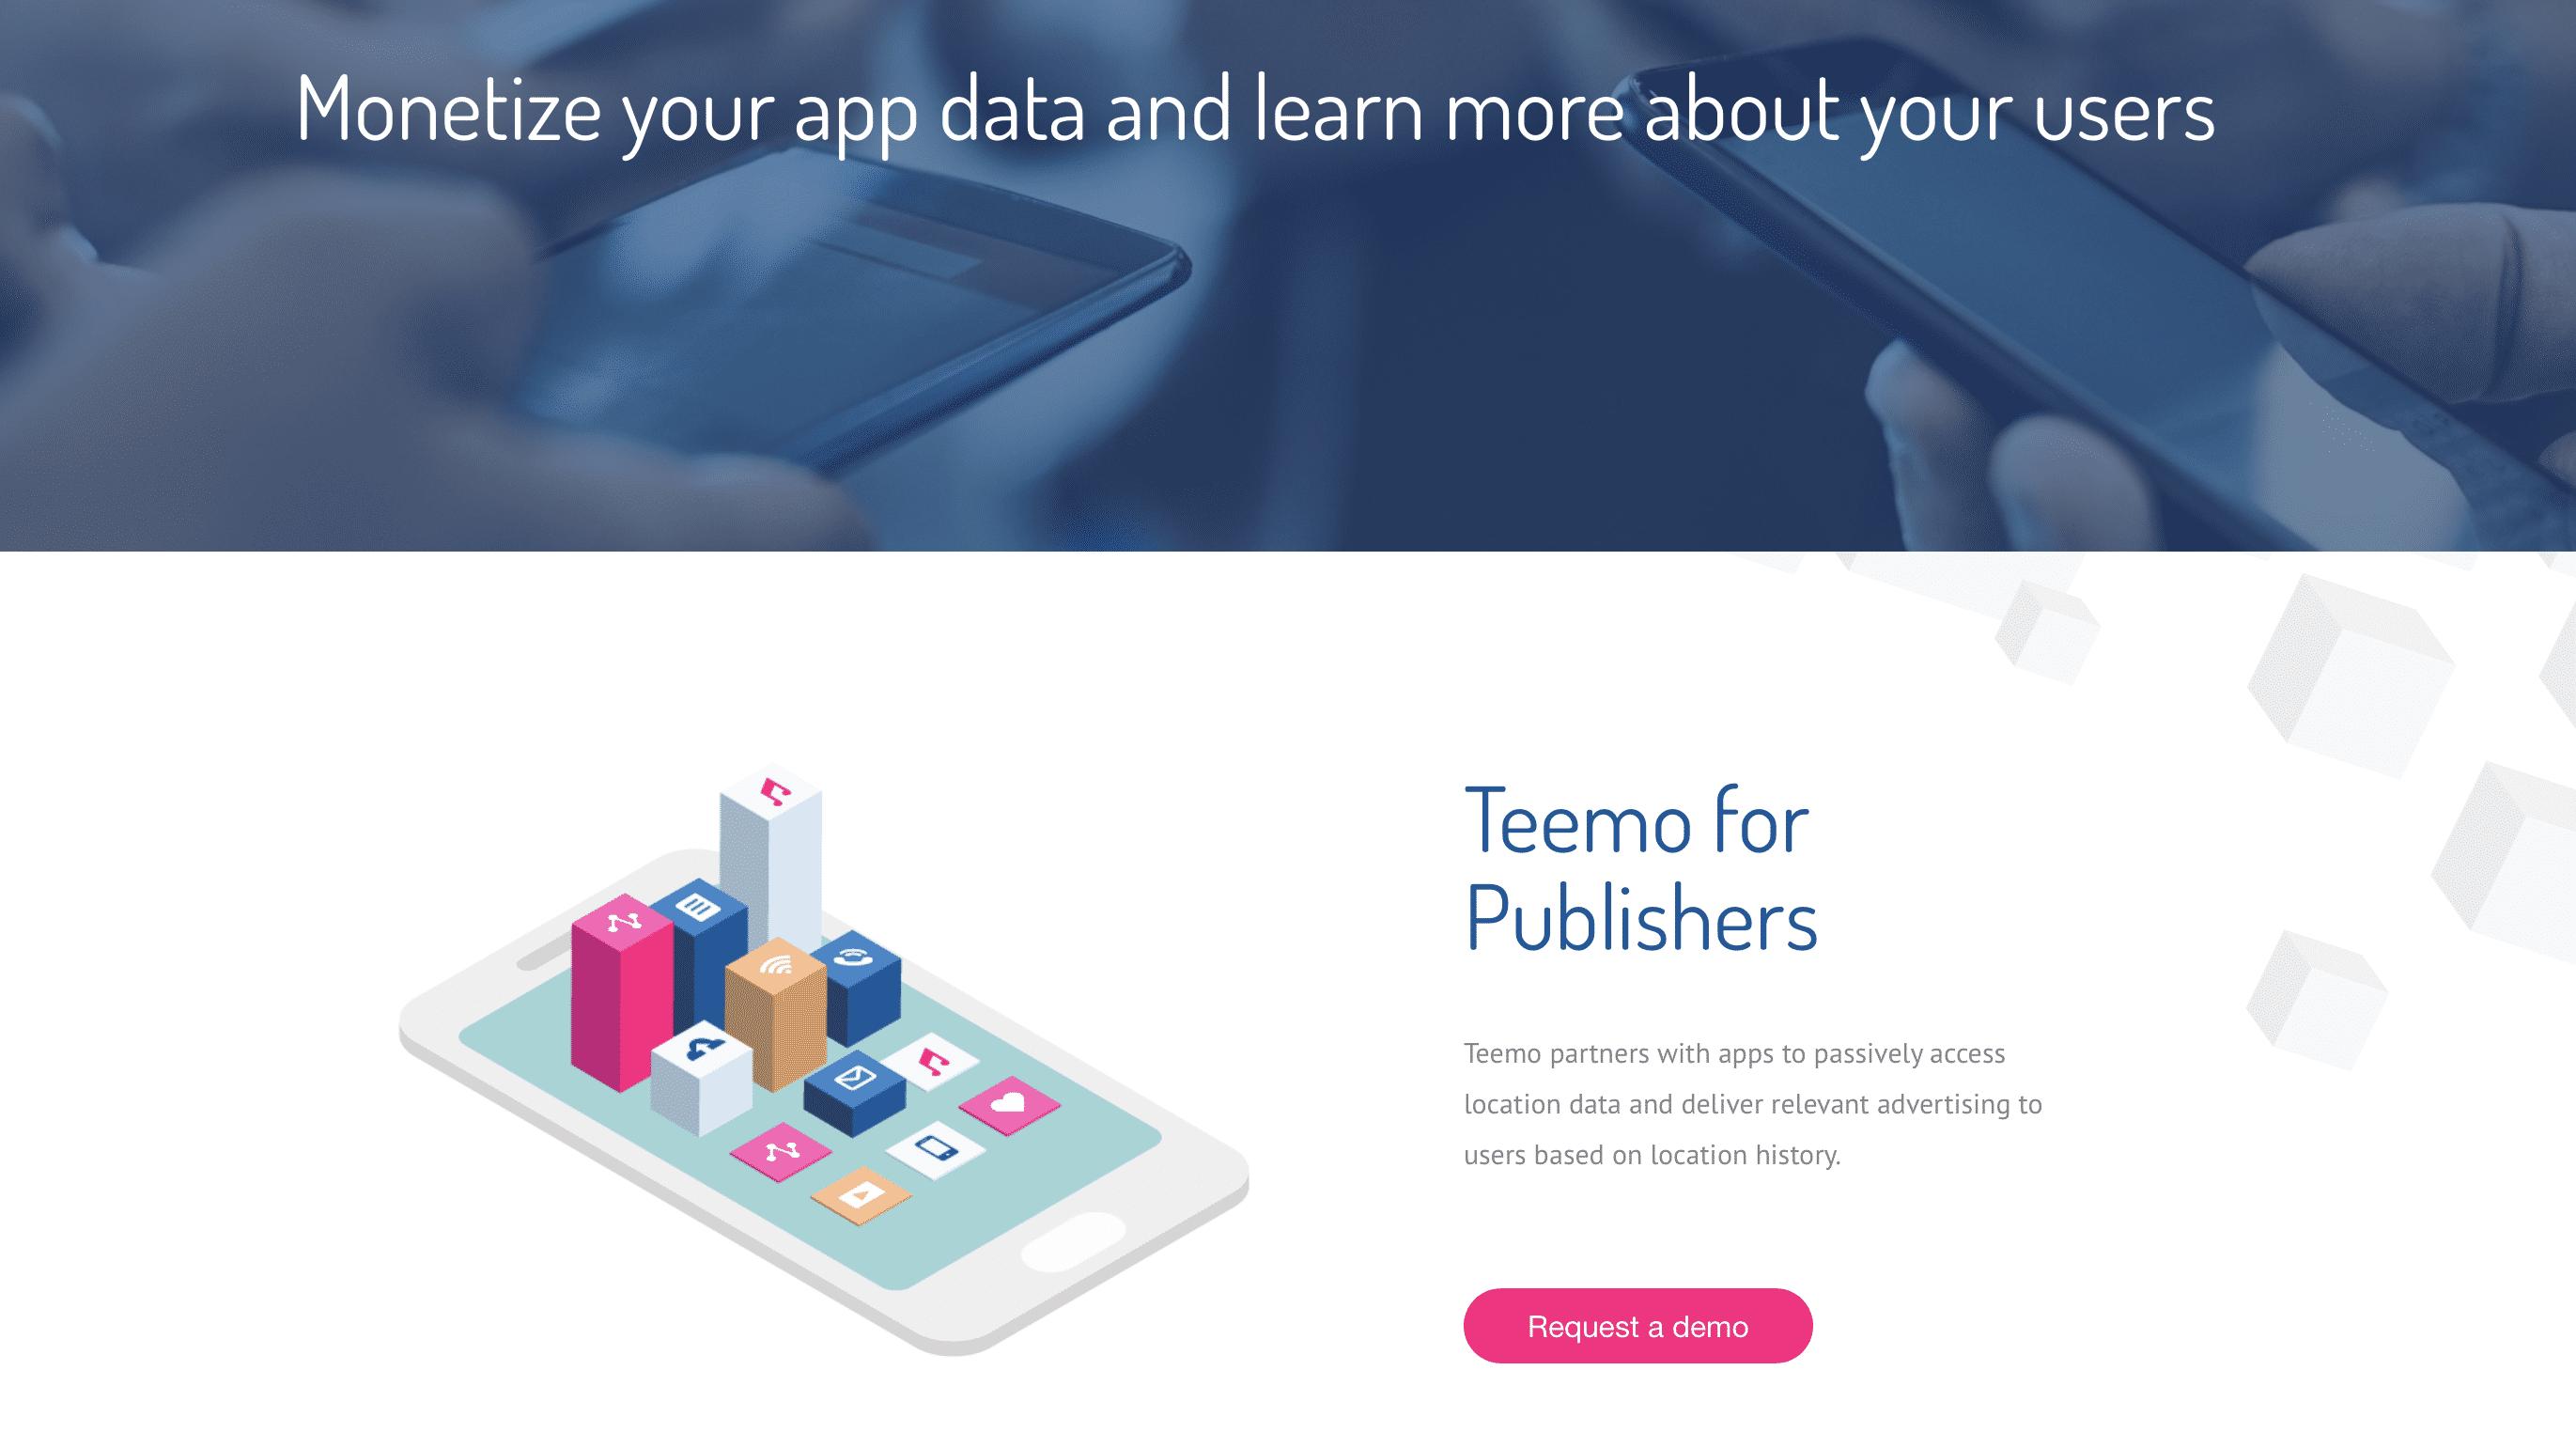 Weitergabe des Aufenthaltsortes: Apple geht gegen Werbe-SDKs in Apps vor